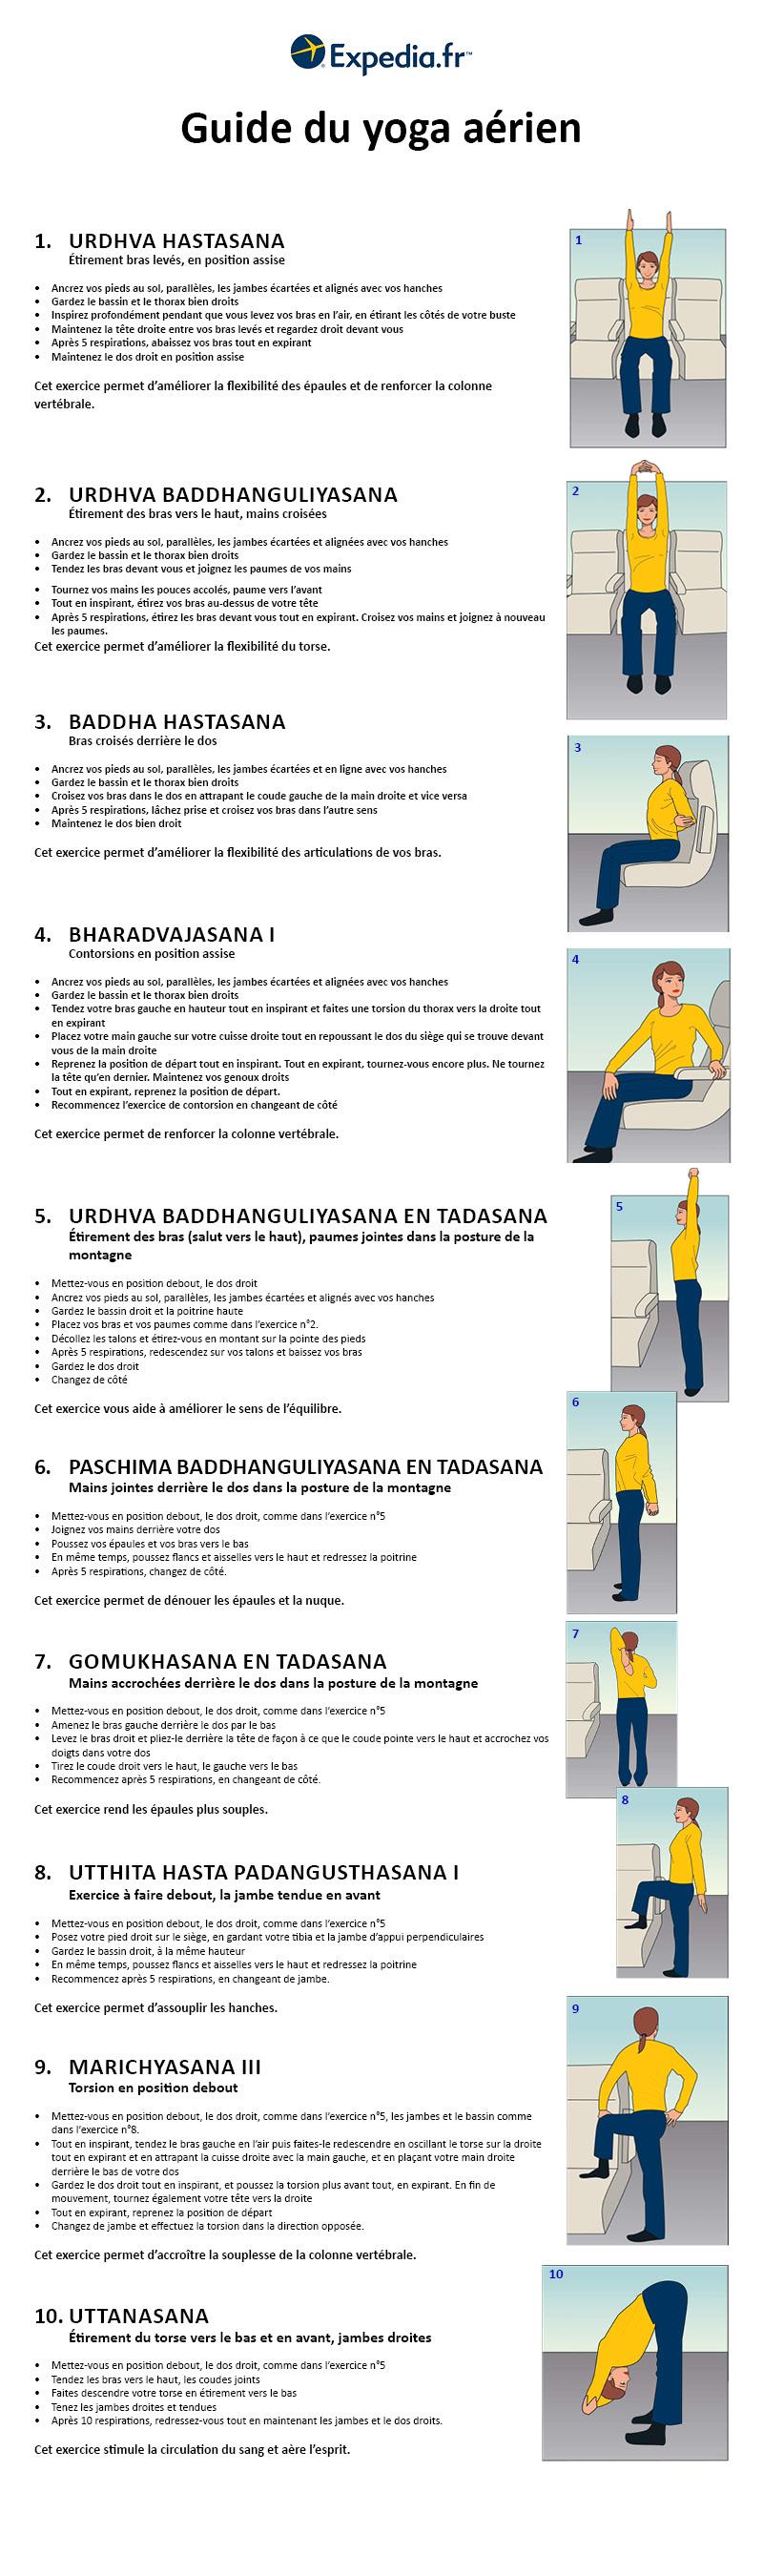 Yoga : 10 postures pour se détendre dans l'avion